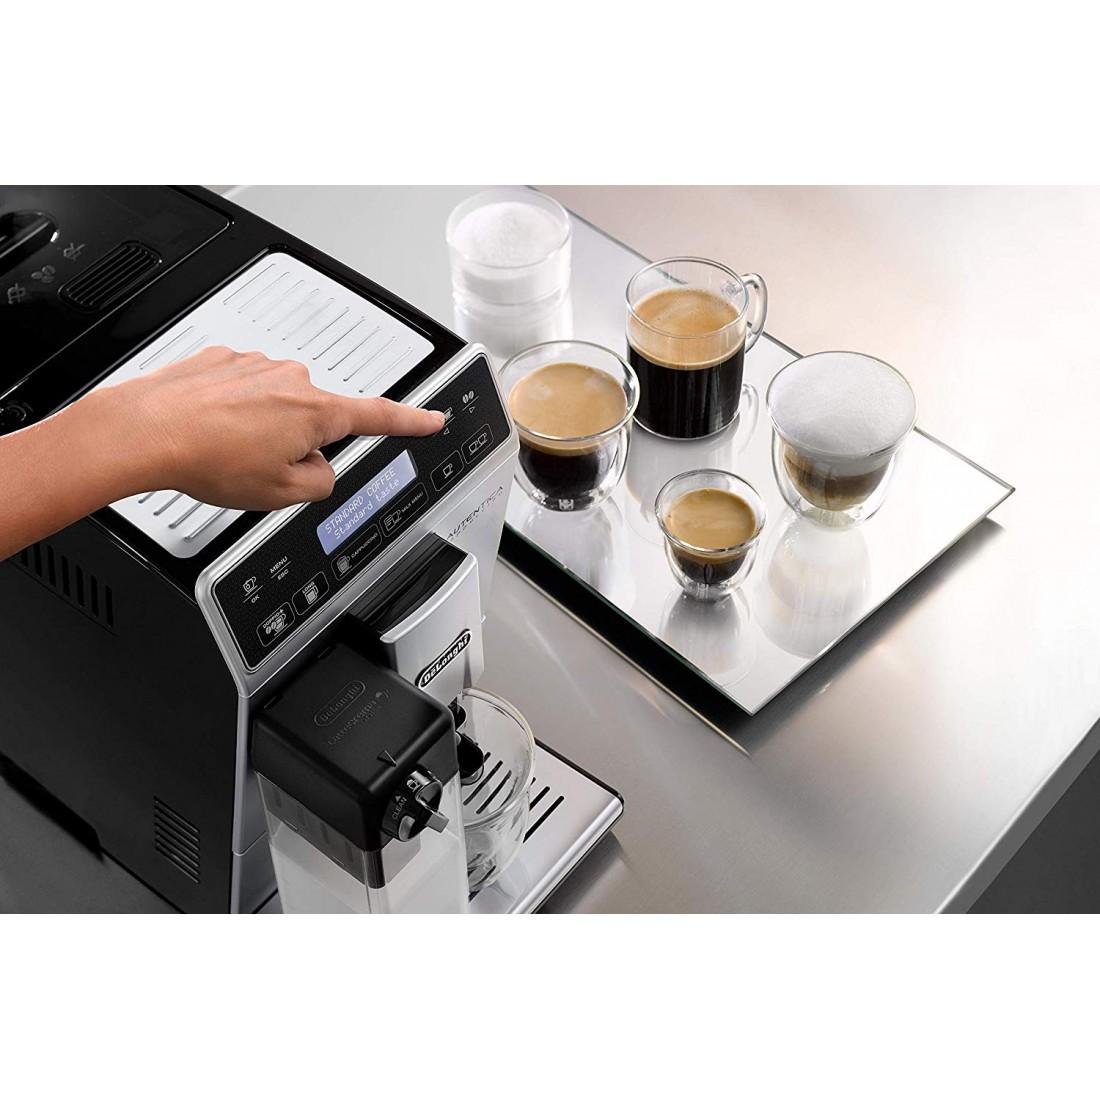 Máy pha cà phê hoàn toàn tự động DeLonghi ECAM 45.760.B-Thế